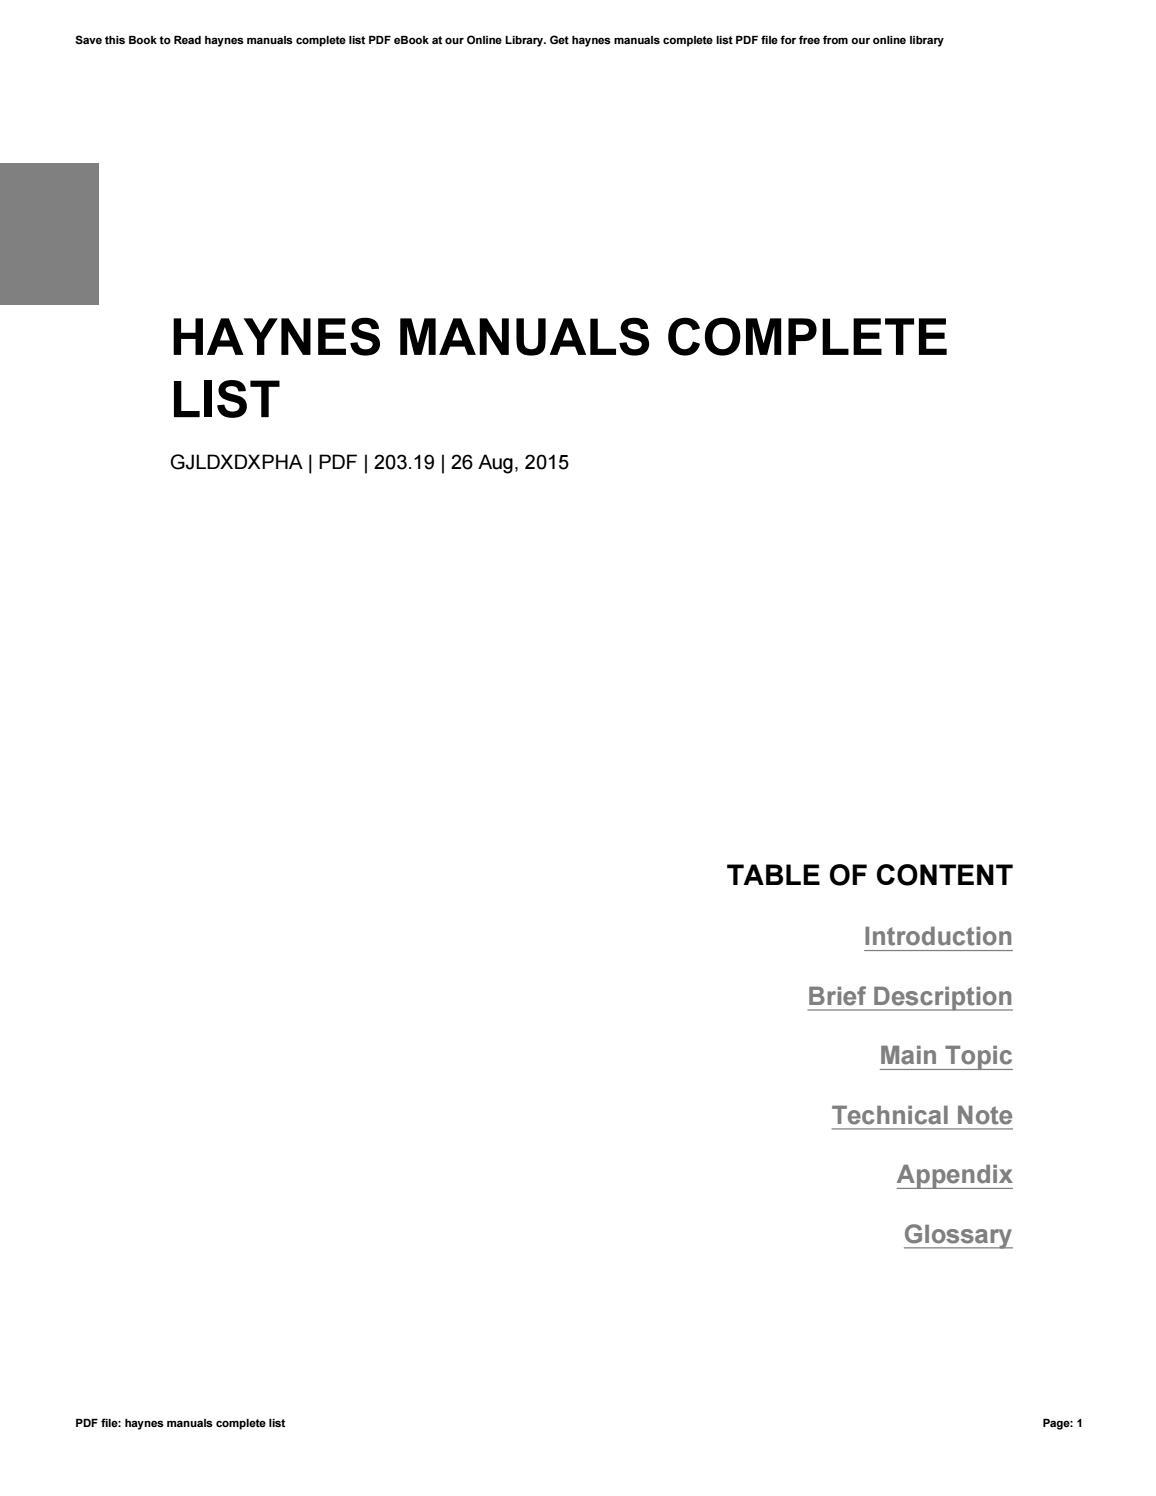 haynes manuals complete list by paulgibbs1370 issuu rh issuu com list of haynes car manuals list of haynes motorcycle manuals